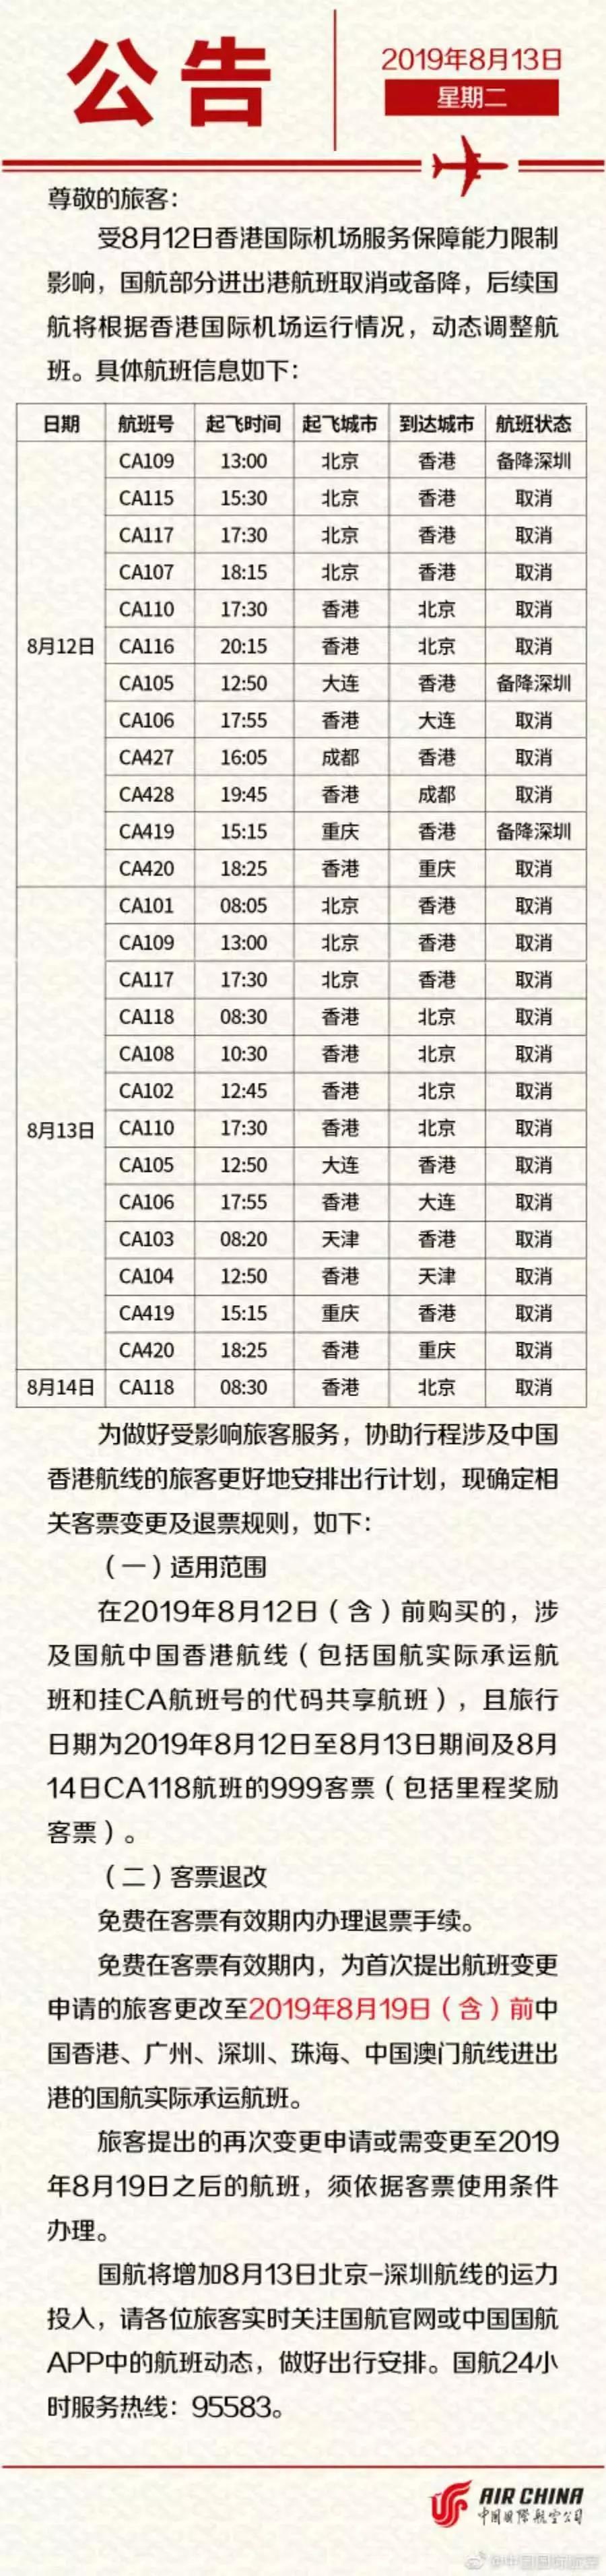 16-02-40-2b11b00410172b4b.jpg